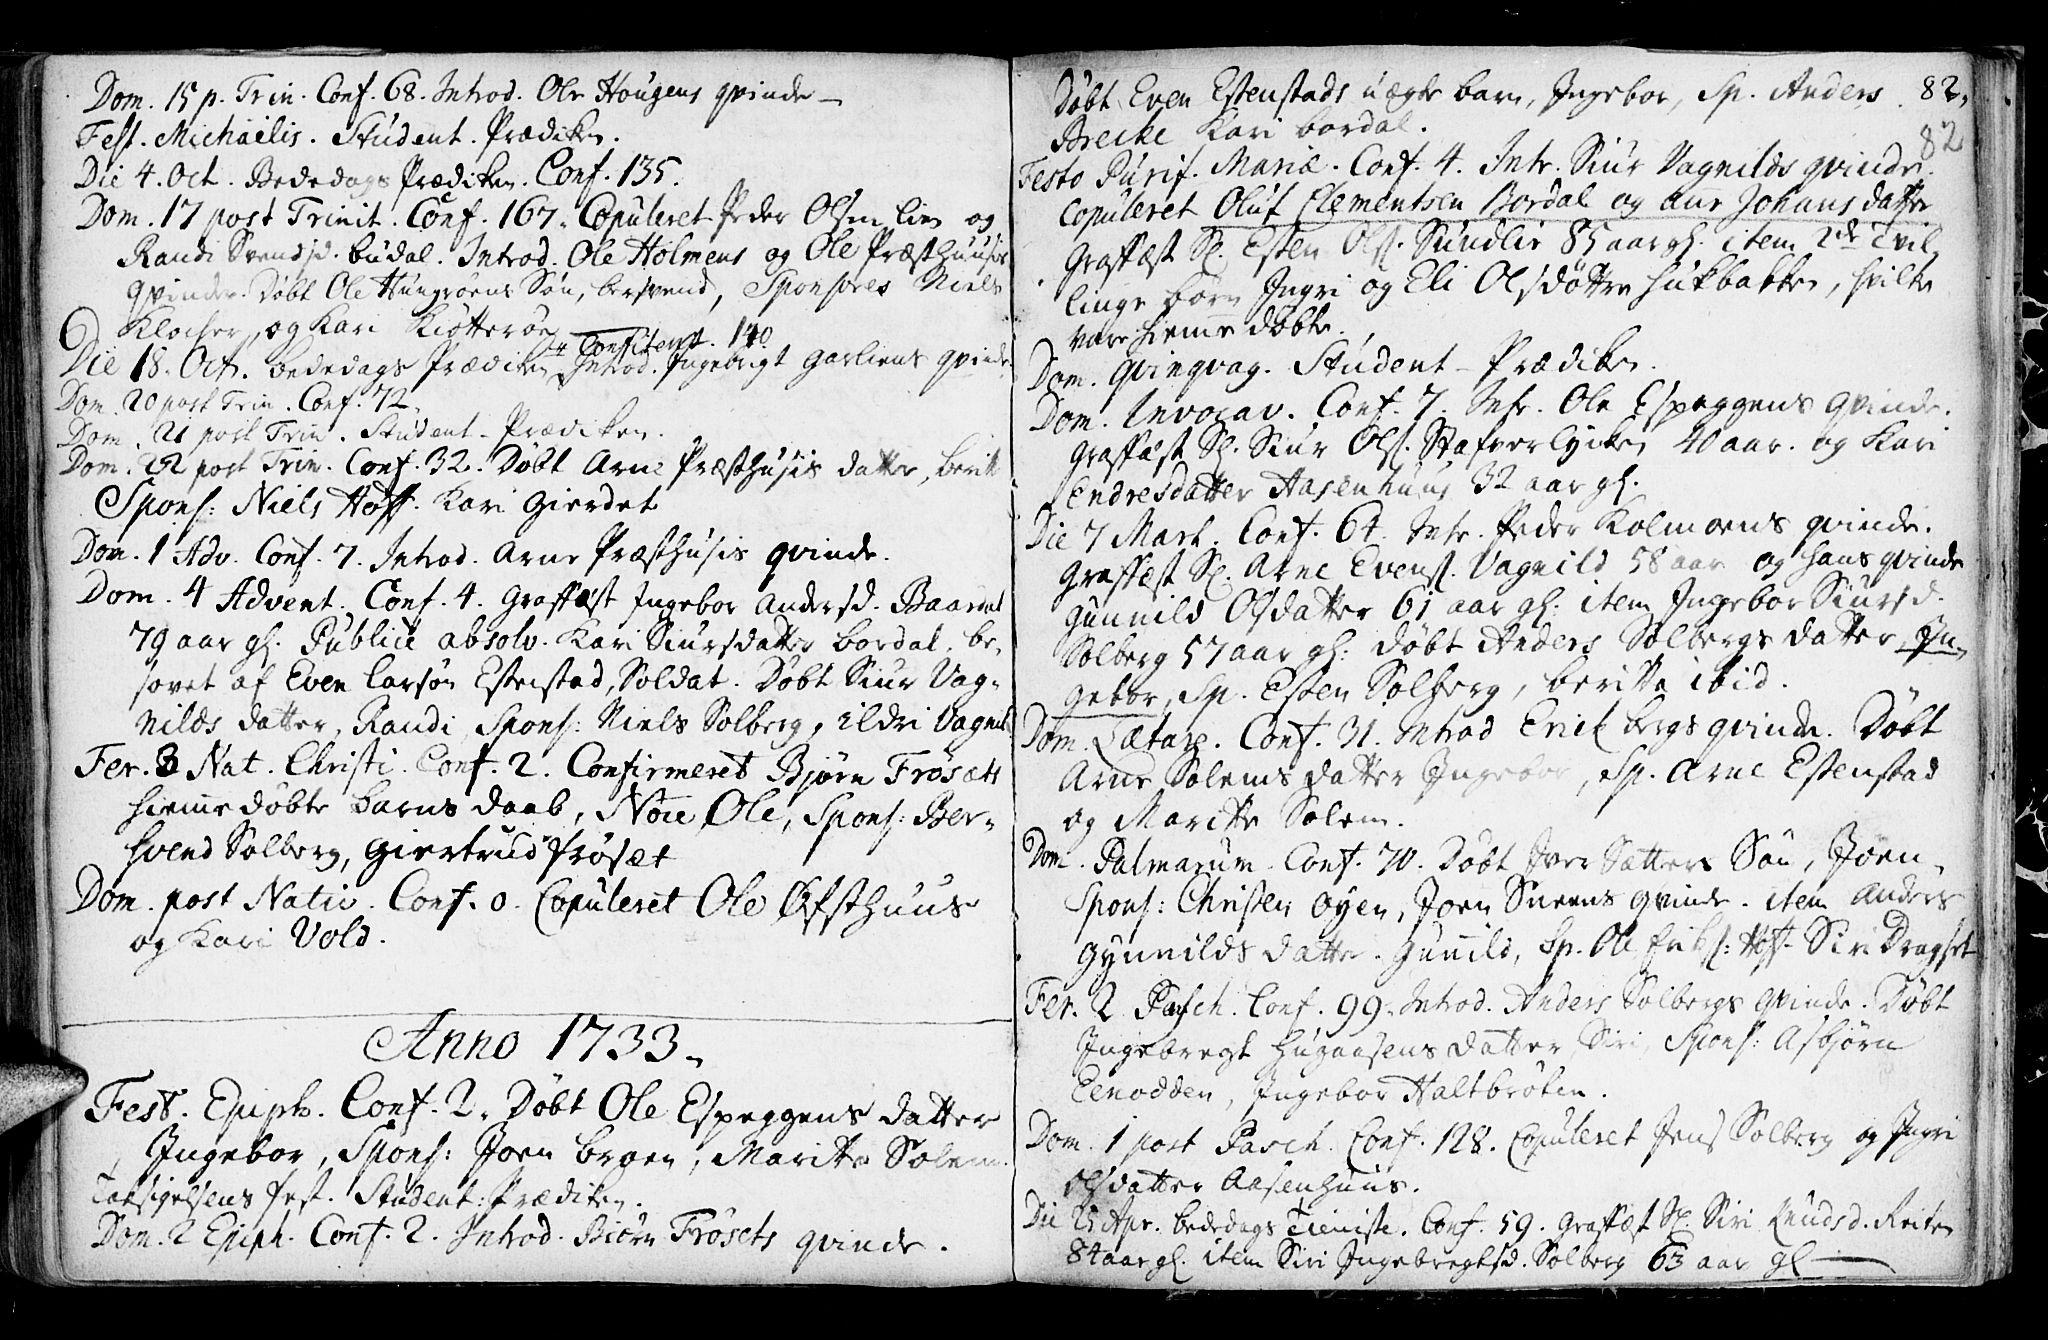 SAT, Ministerialprotokoller, klokkerbøker og fødselsregistre - Sør-Trøndelag, 689/L1036: Ministerialbok nr. 689A01, 1696-1746, s. 82